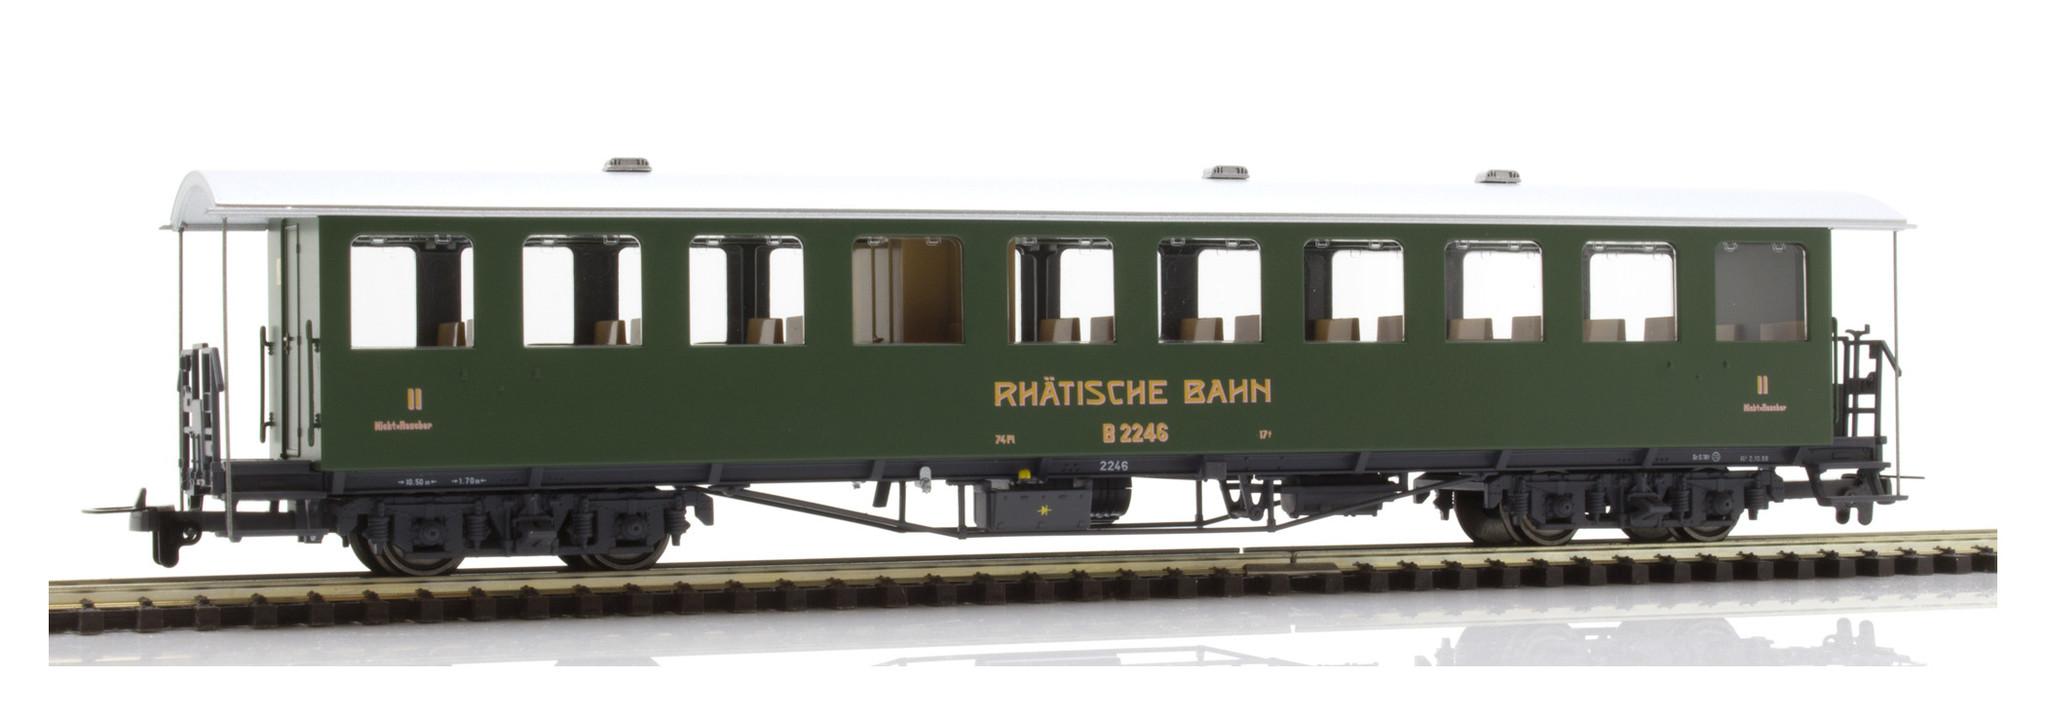 3235146 RhB B 2246 Nostalgie-Plattformwagen-1